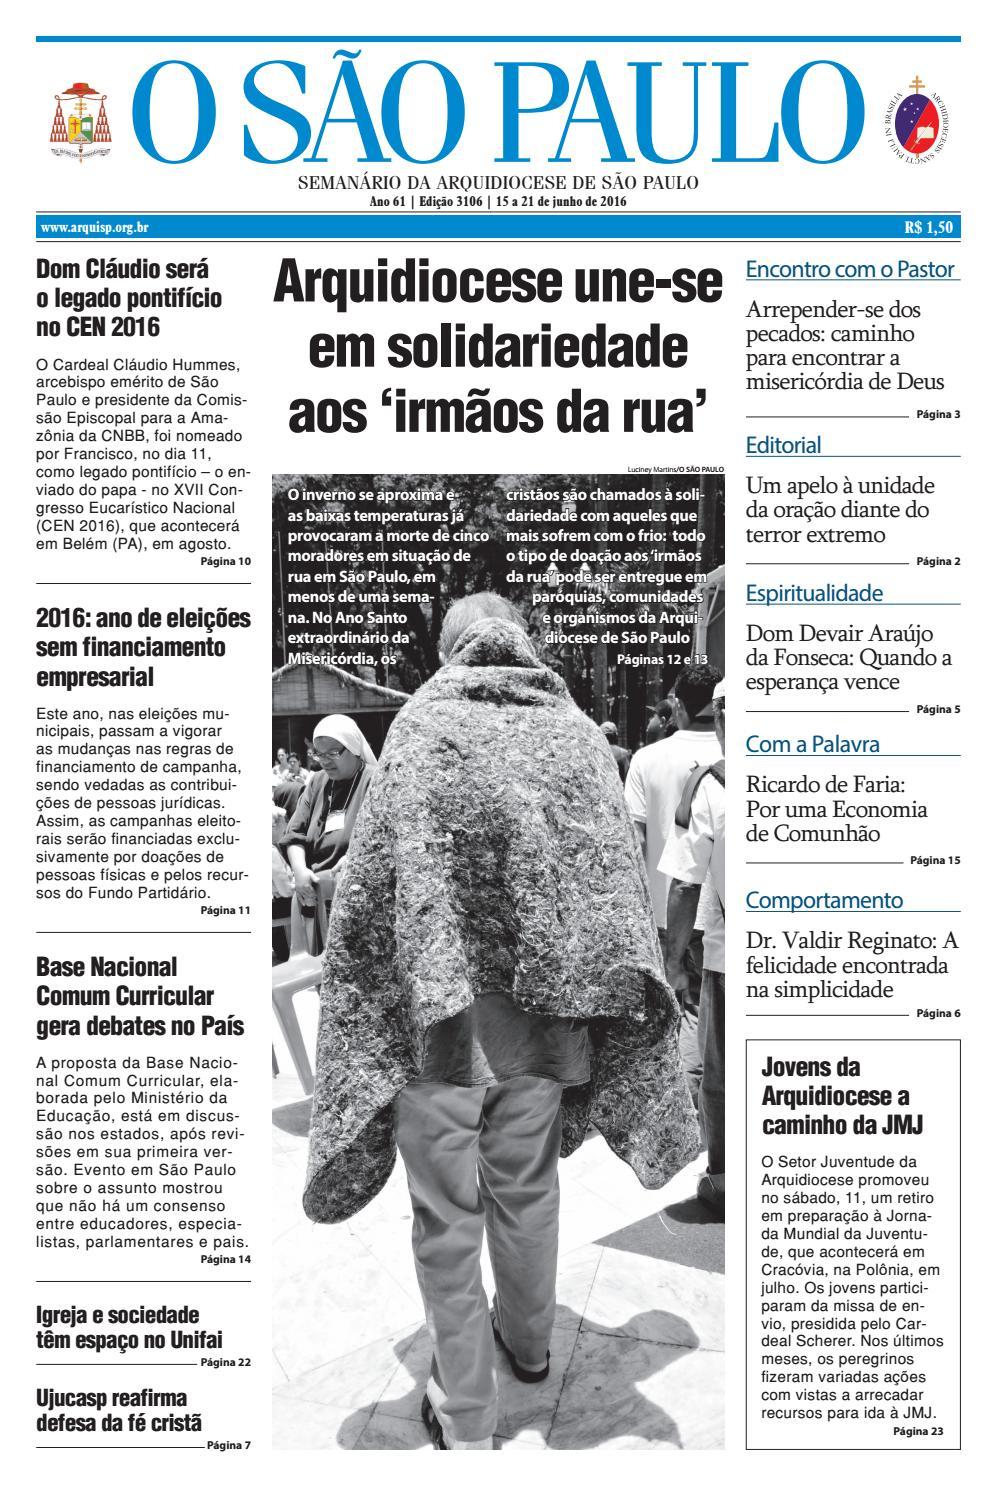 O SÃO PAULO - 3106 by jornal O SAO PAULO - issuu 34ca05998678c